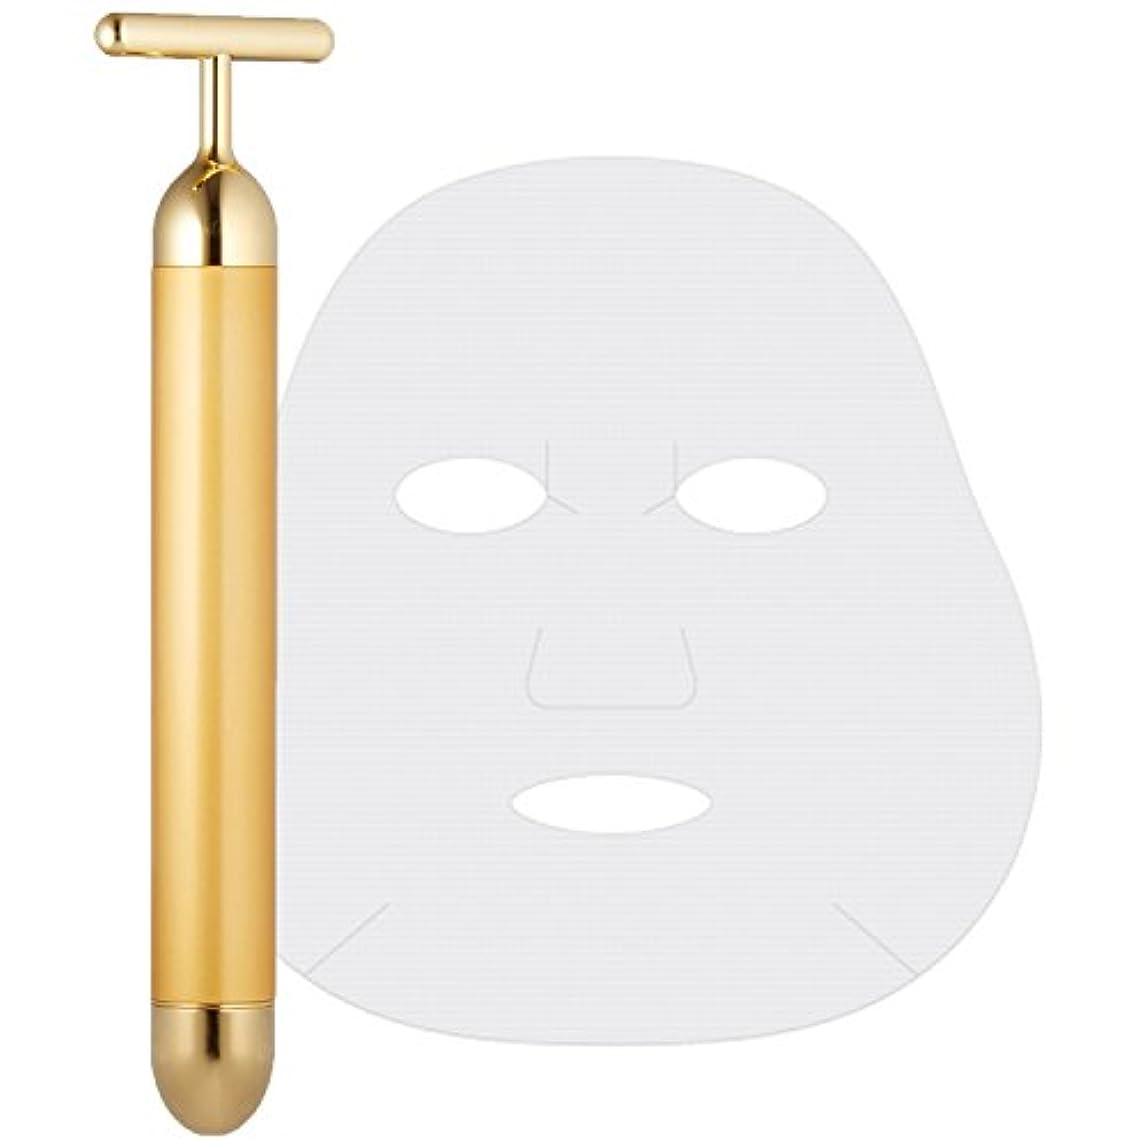 主人状態花エムシービケン ビューティーバー + CELLA COSMETICS フェイスマスクシート(18枚入り) セット